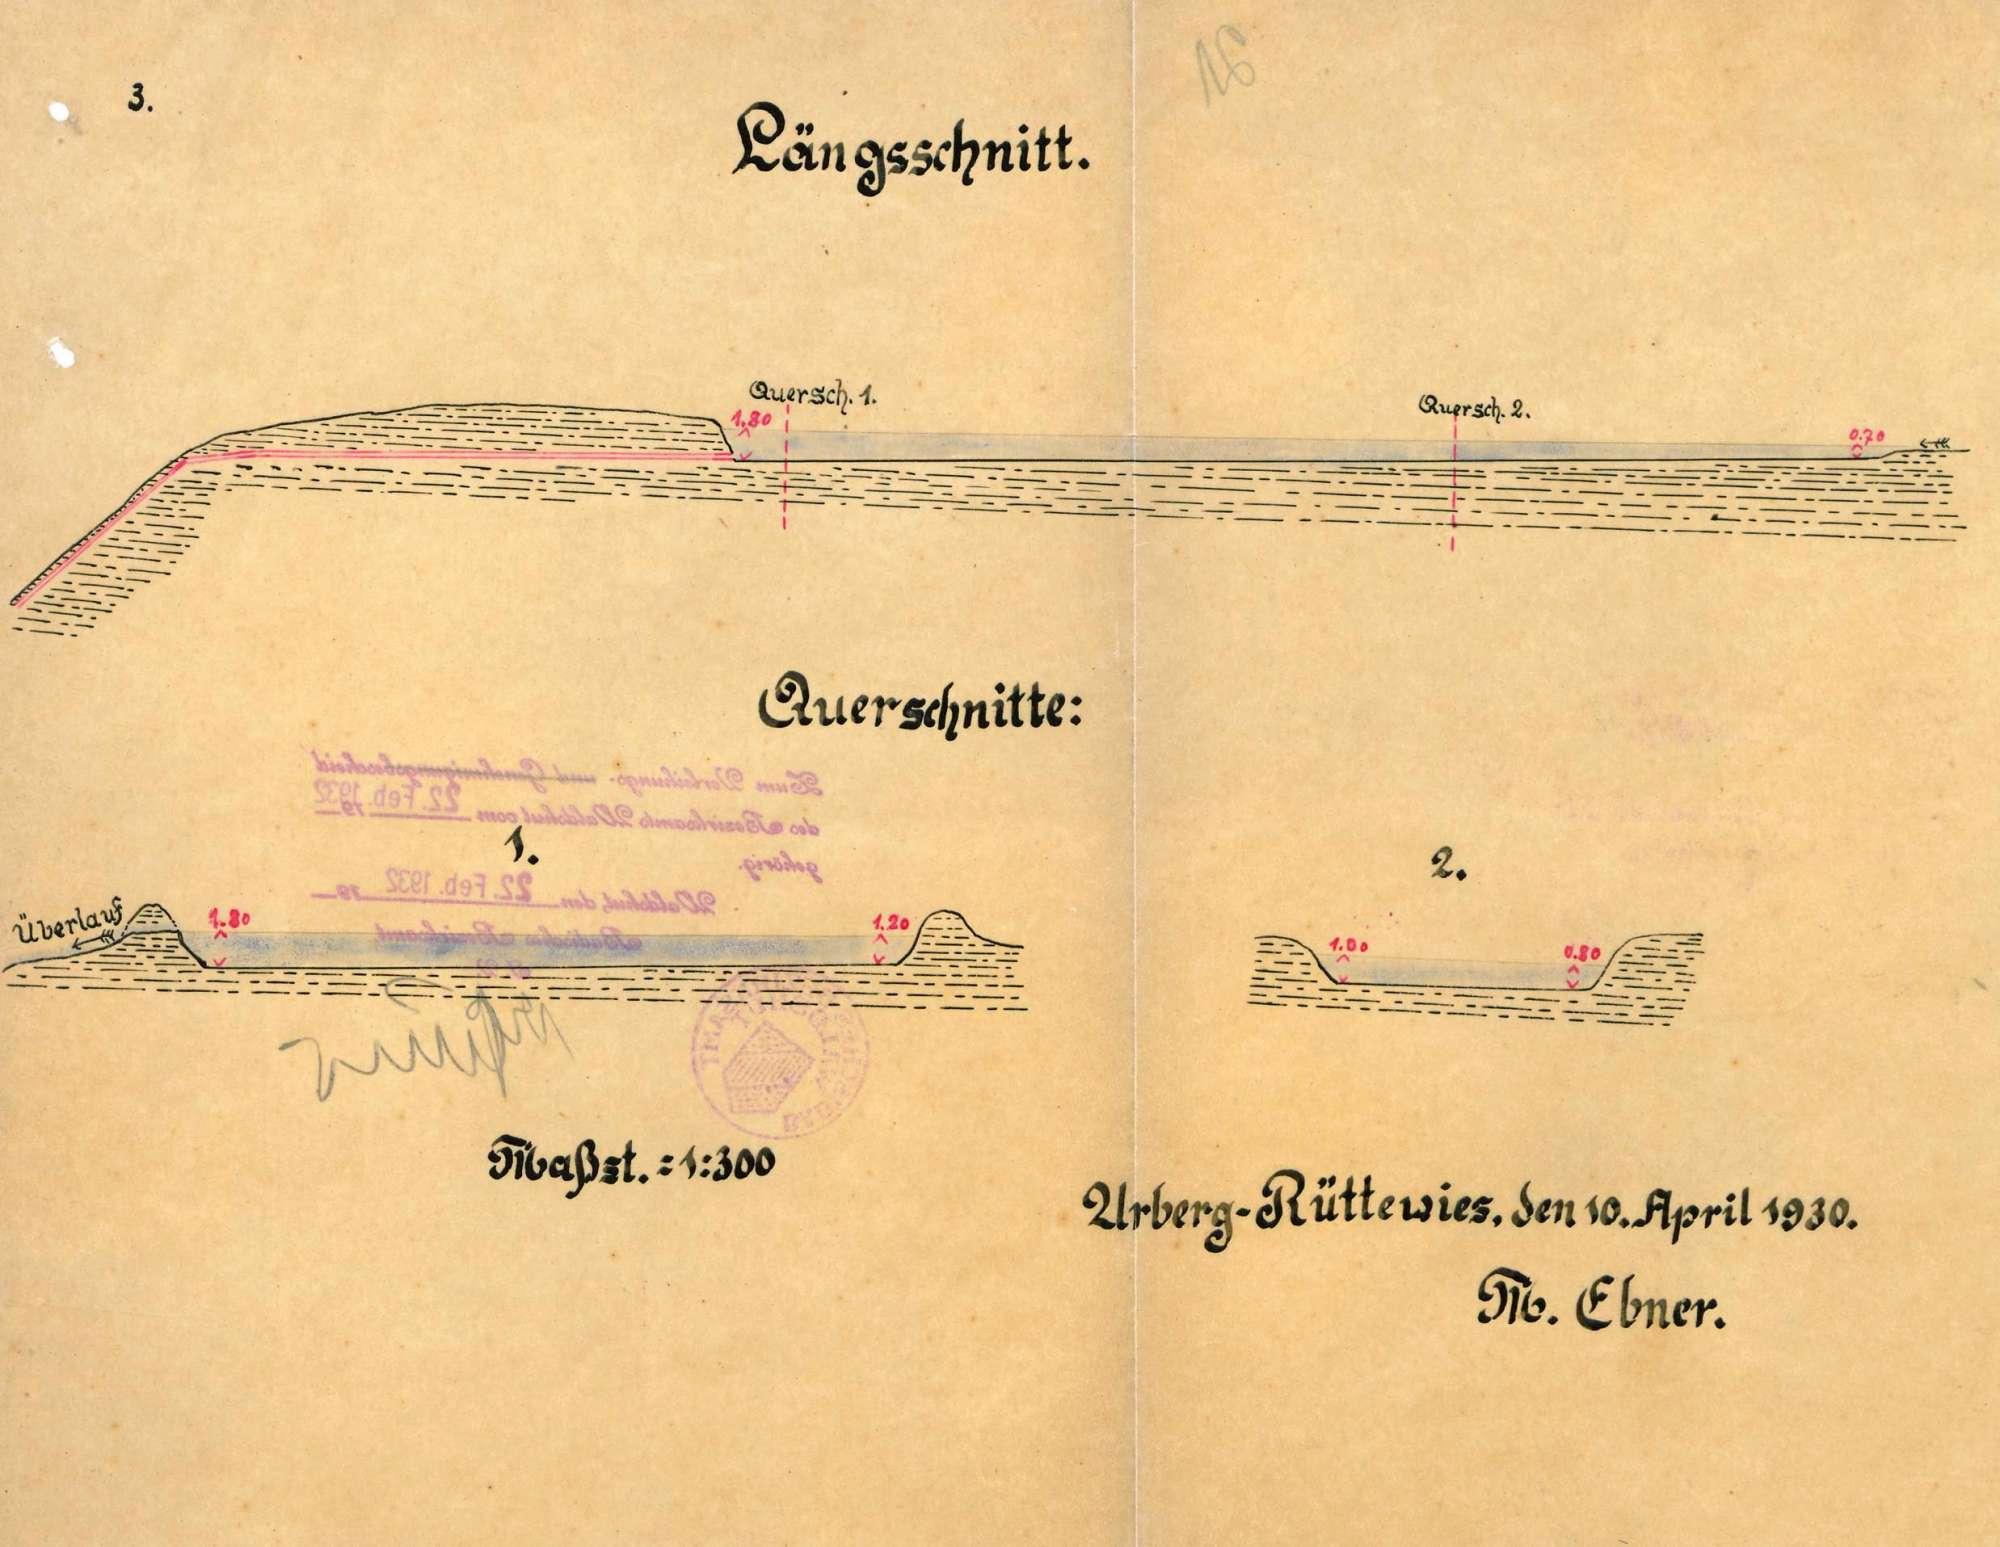 Wassernutzung des Matthias Ebner in Urberg-Rüttewies am Sägebächle auf Gemarkung Urberg, Bild 3